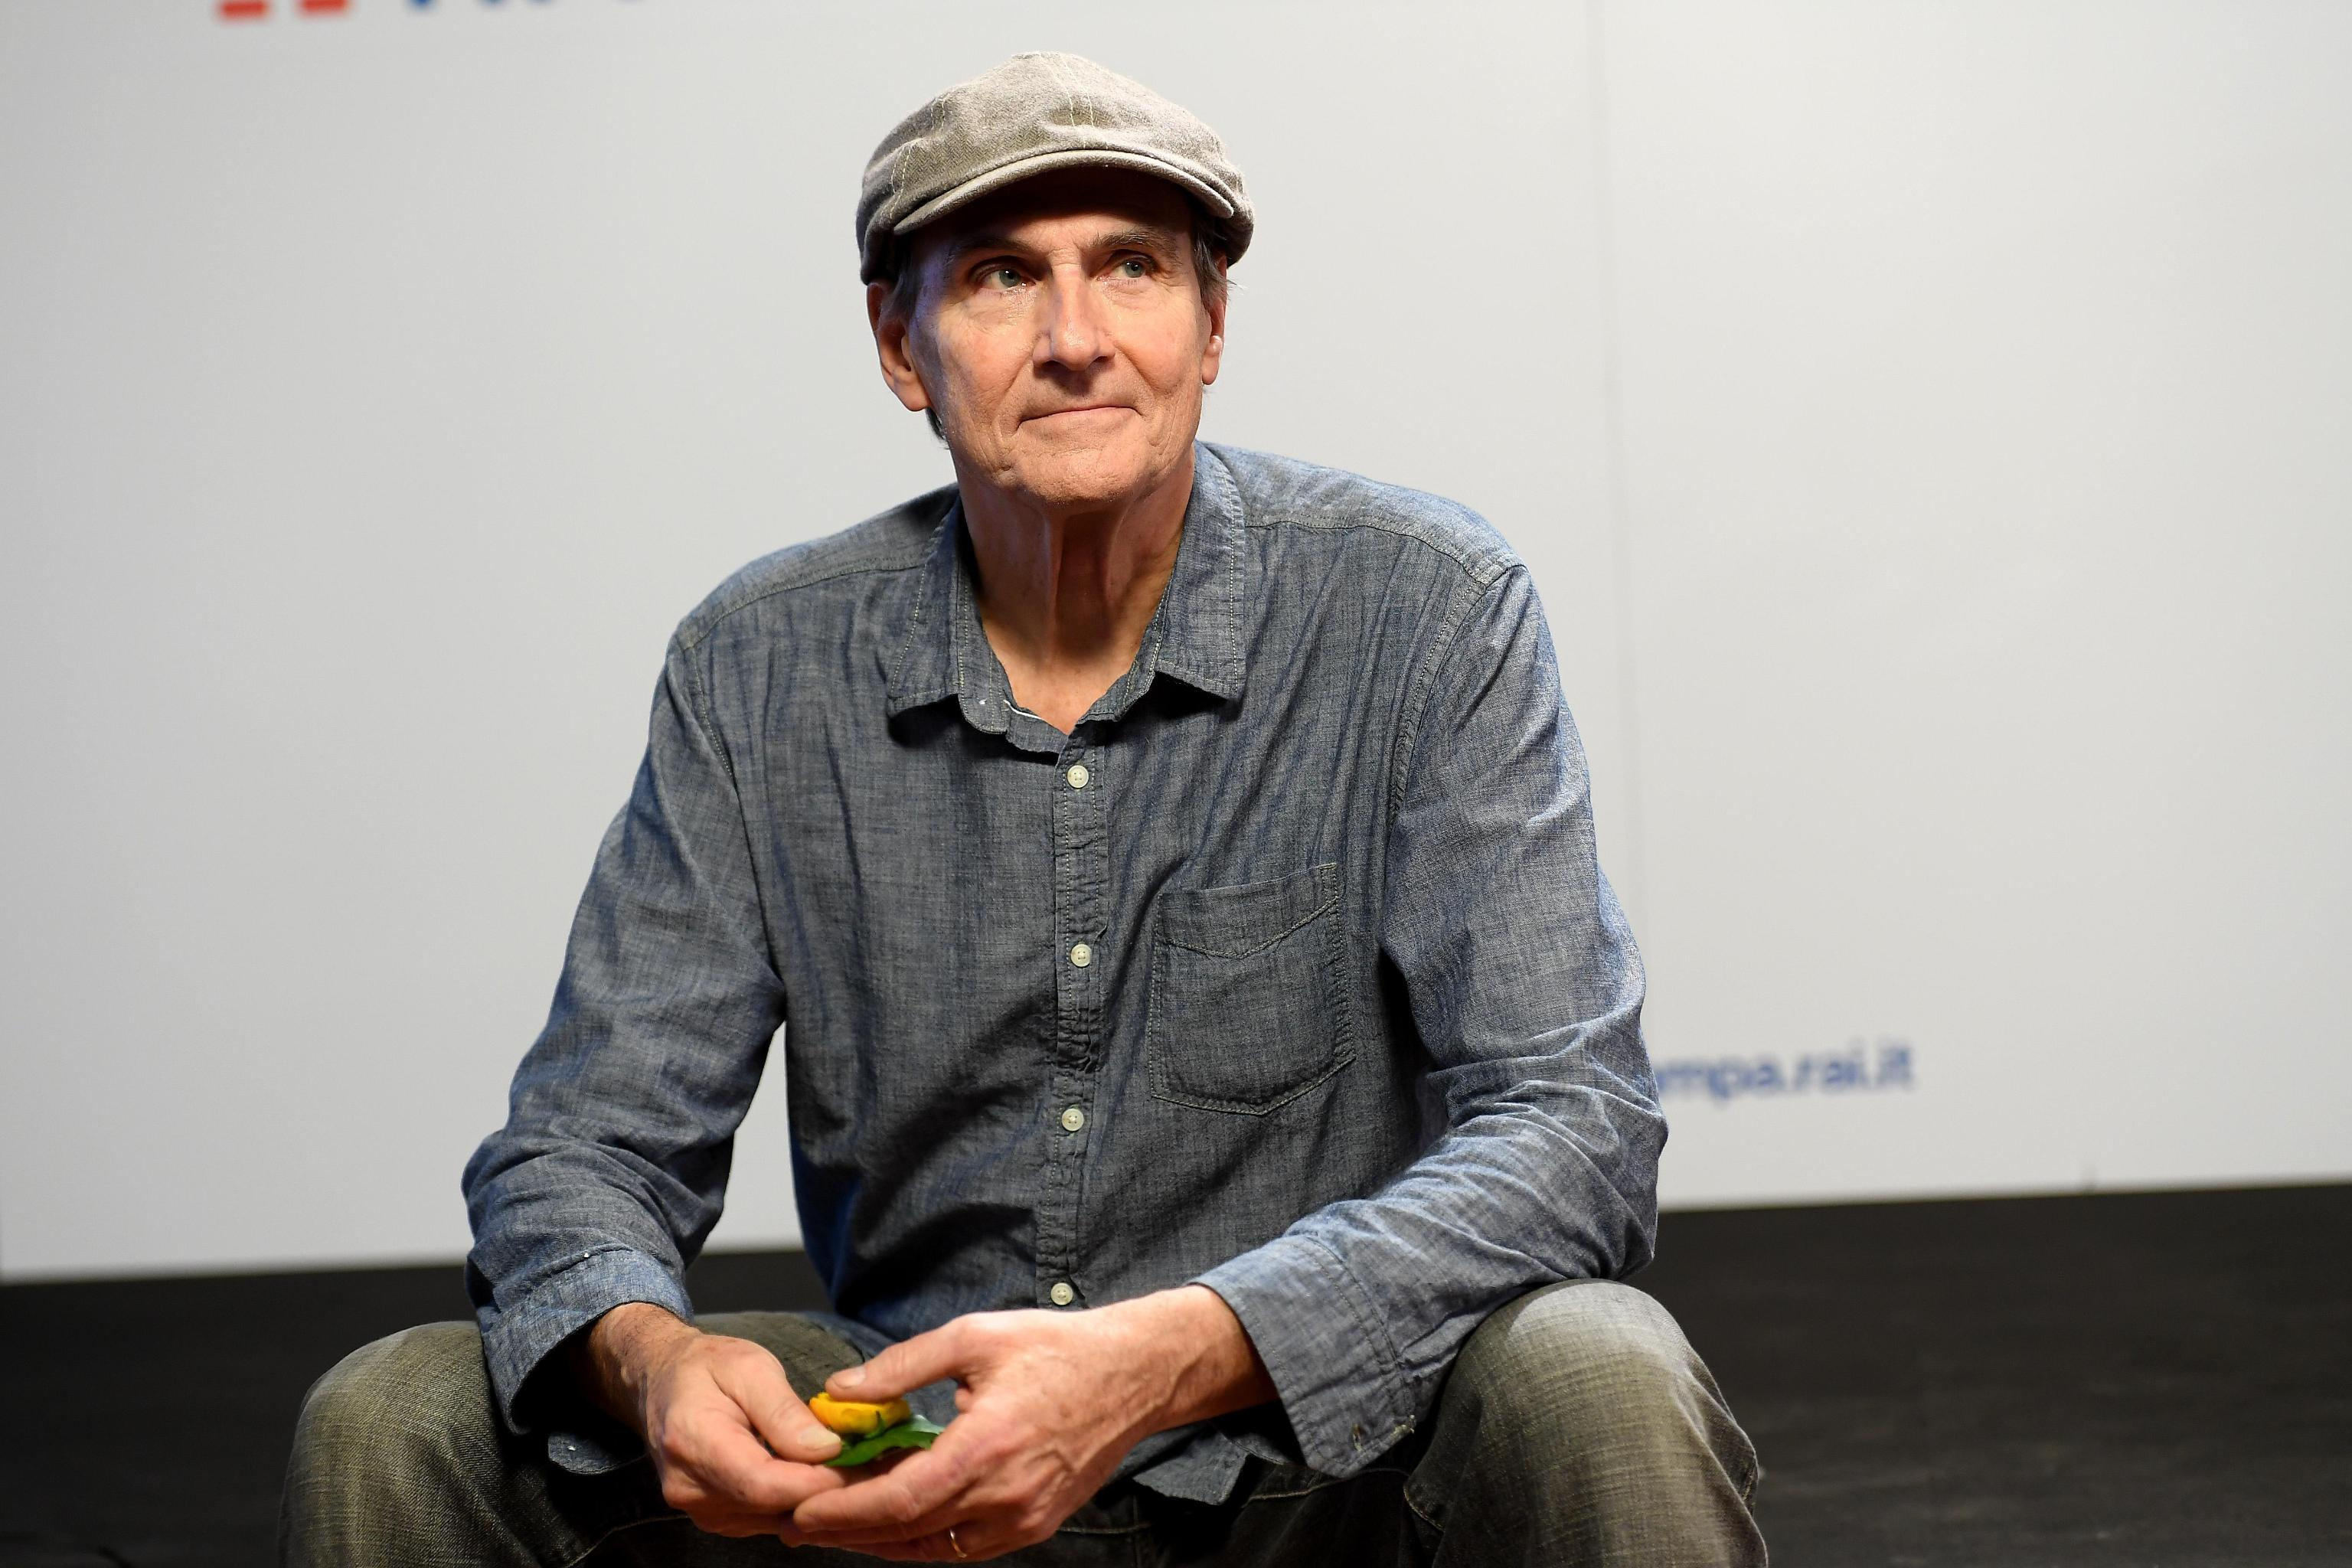 Sanremo 2018, la gaffe di James Taylor: 'Claudio Baglioni chi? Non lo conosco'